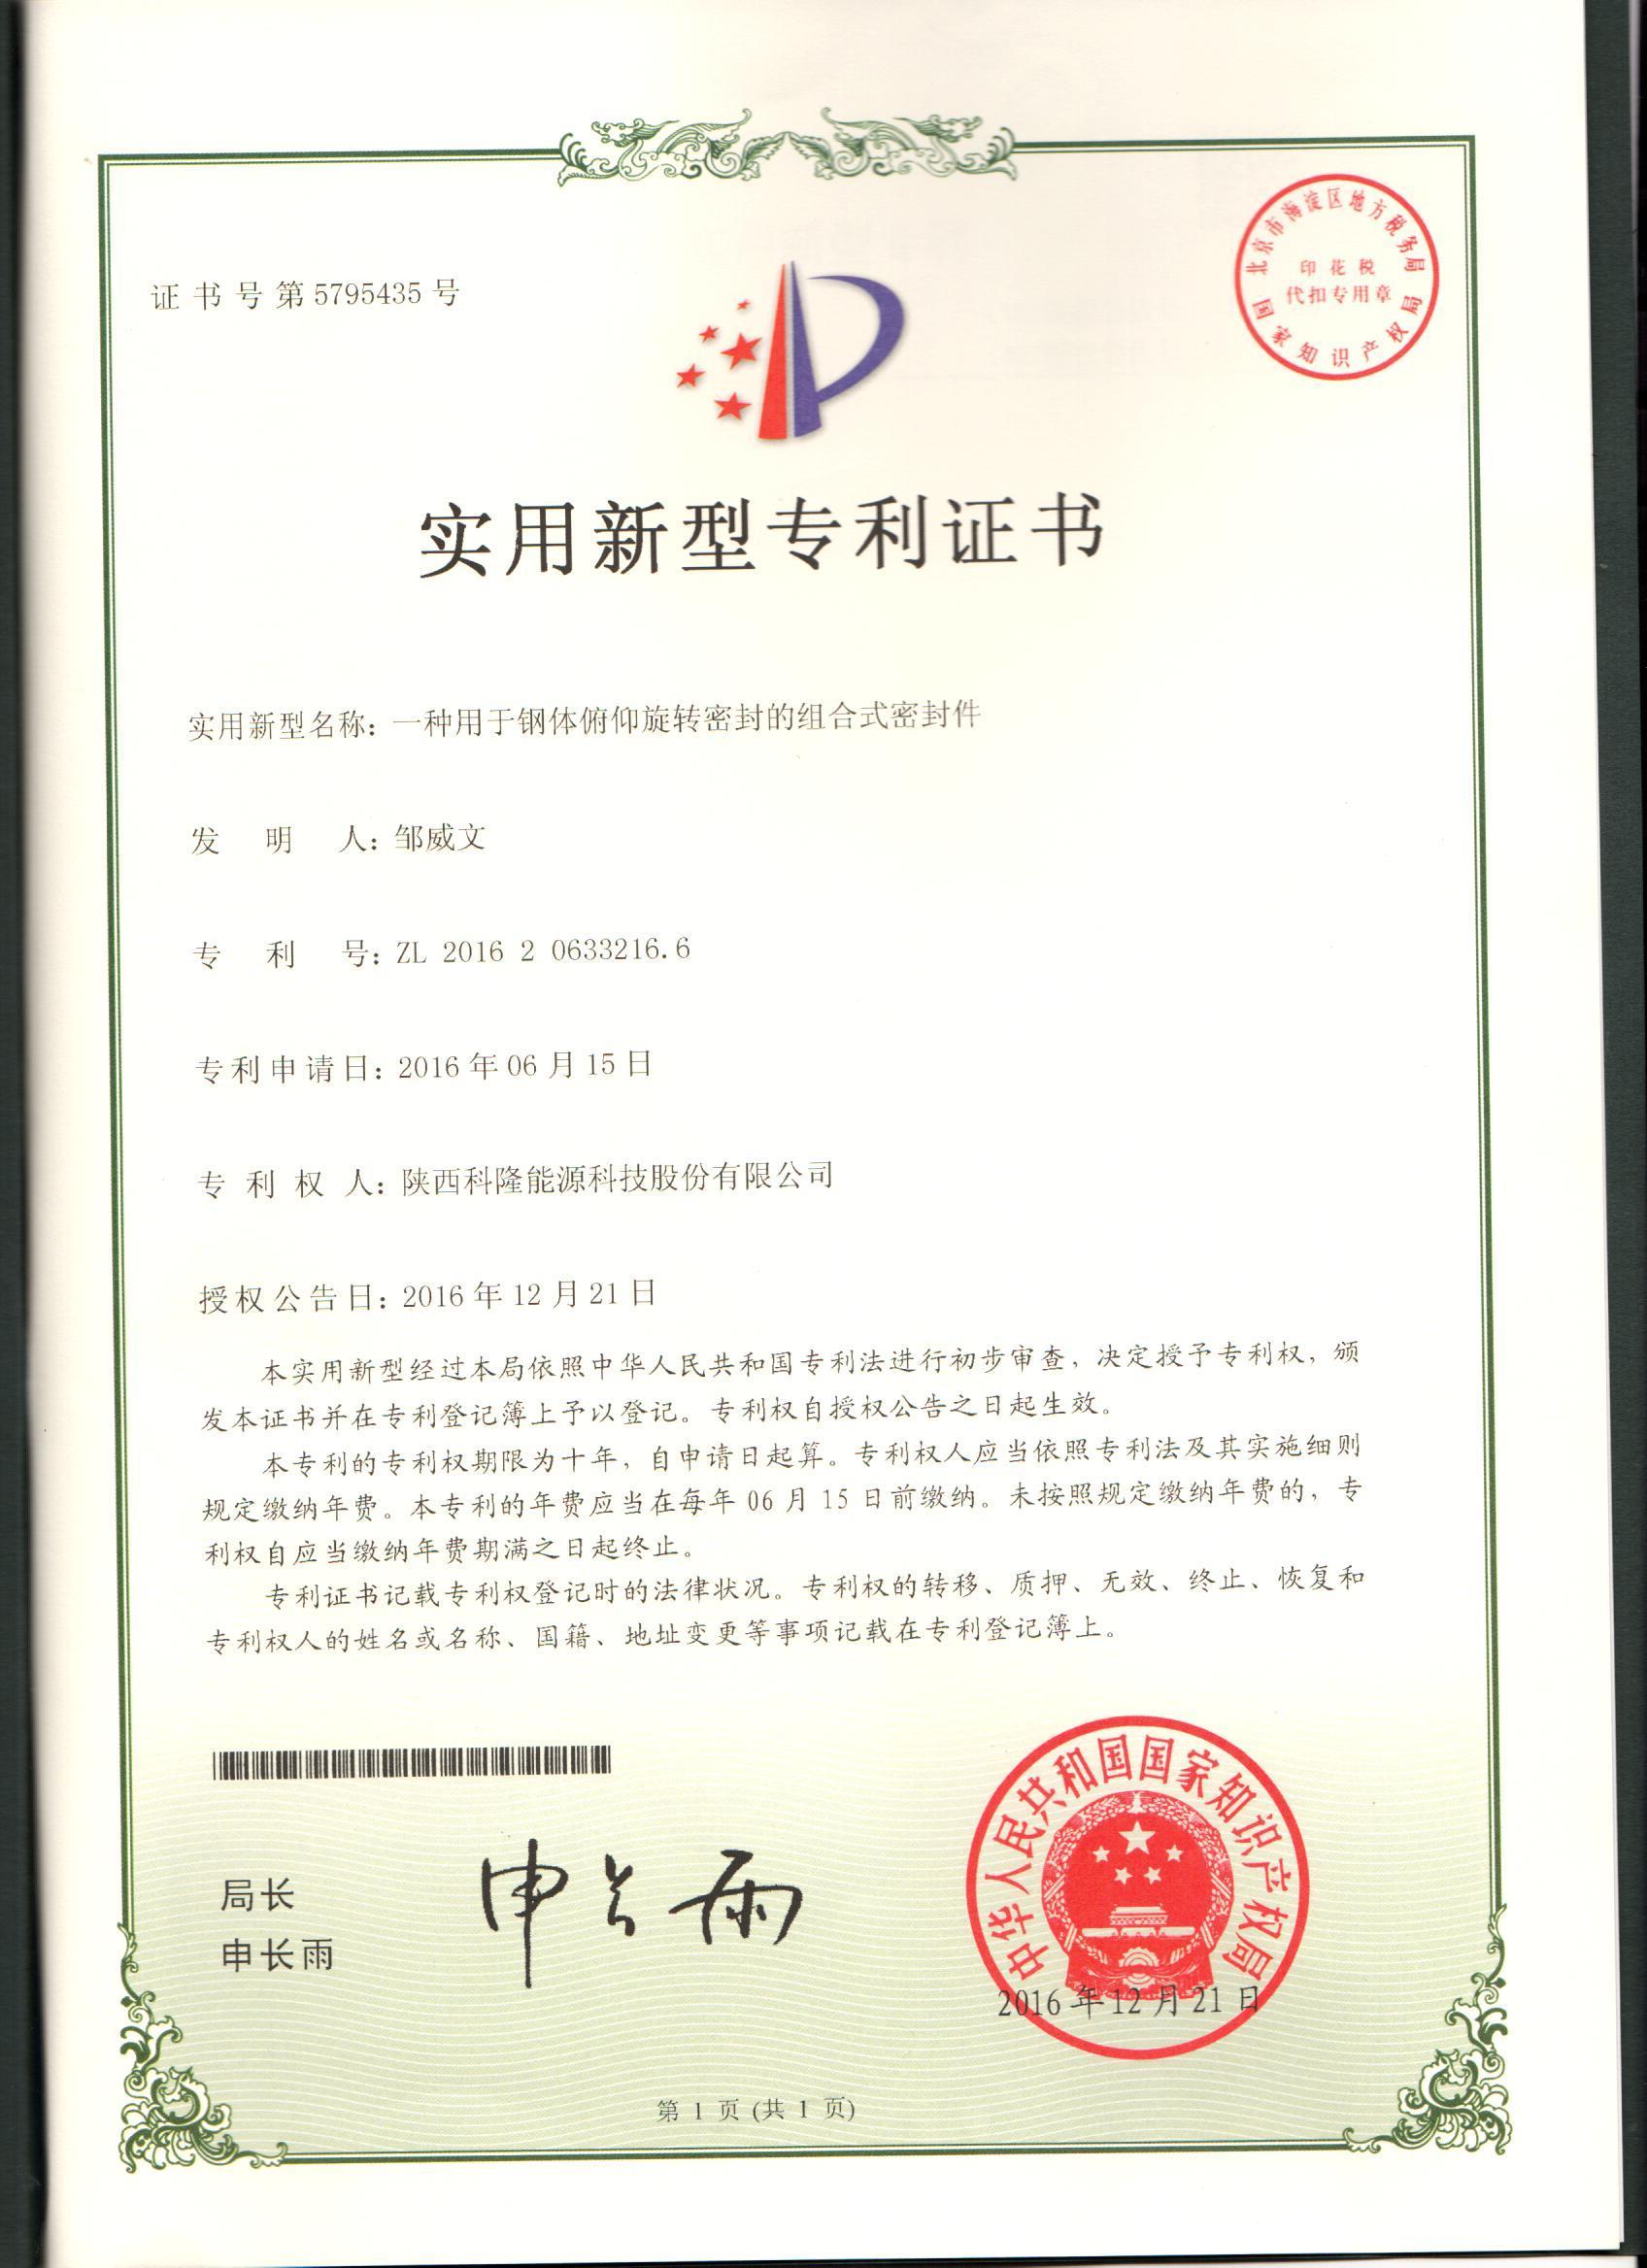 專利-一種用于鋼體俯仰旋轉密封的組合式密封件16